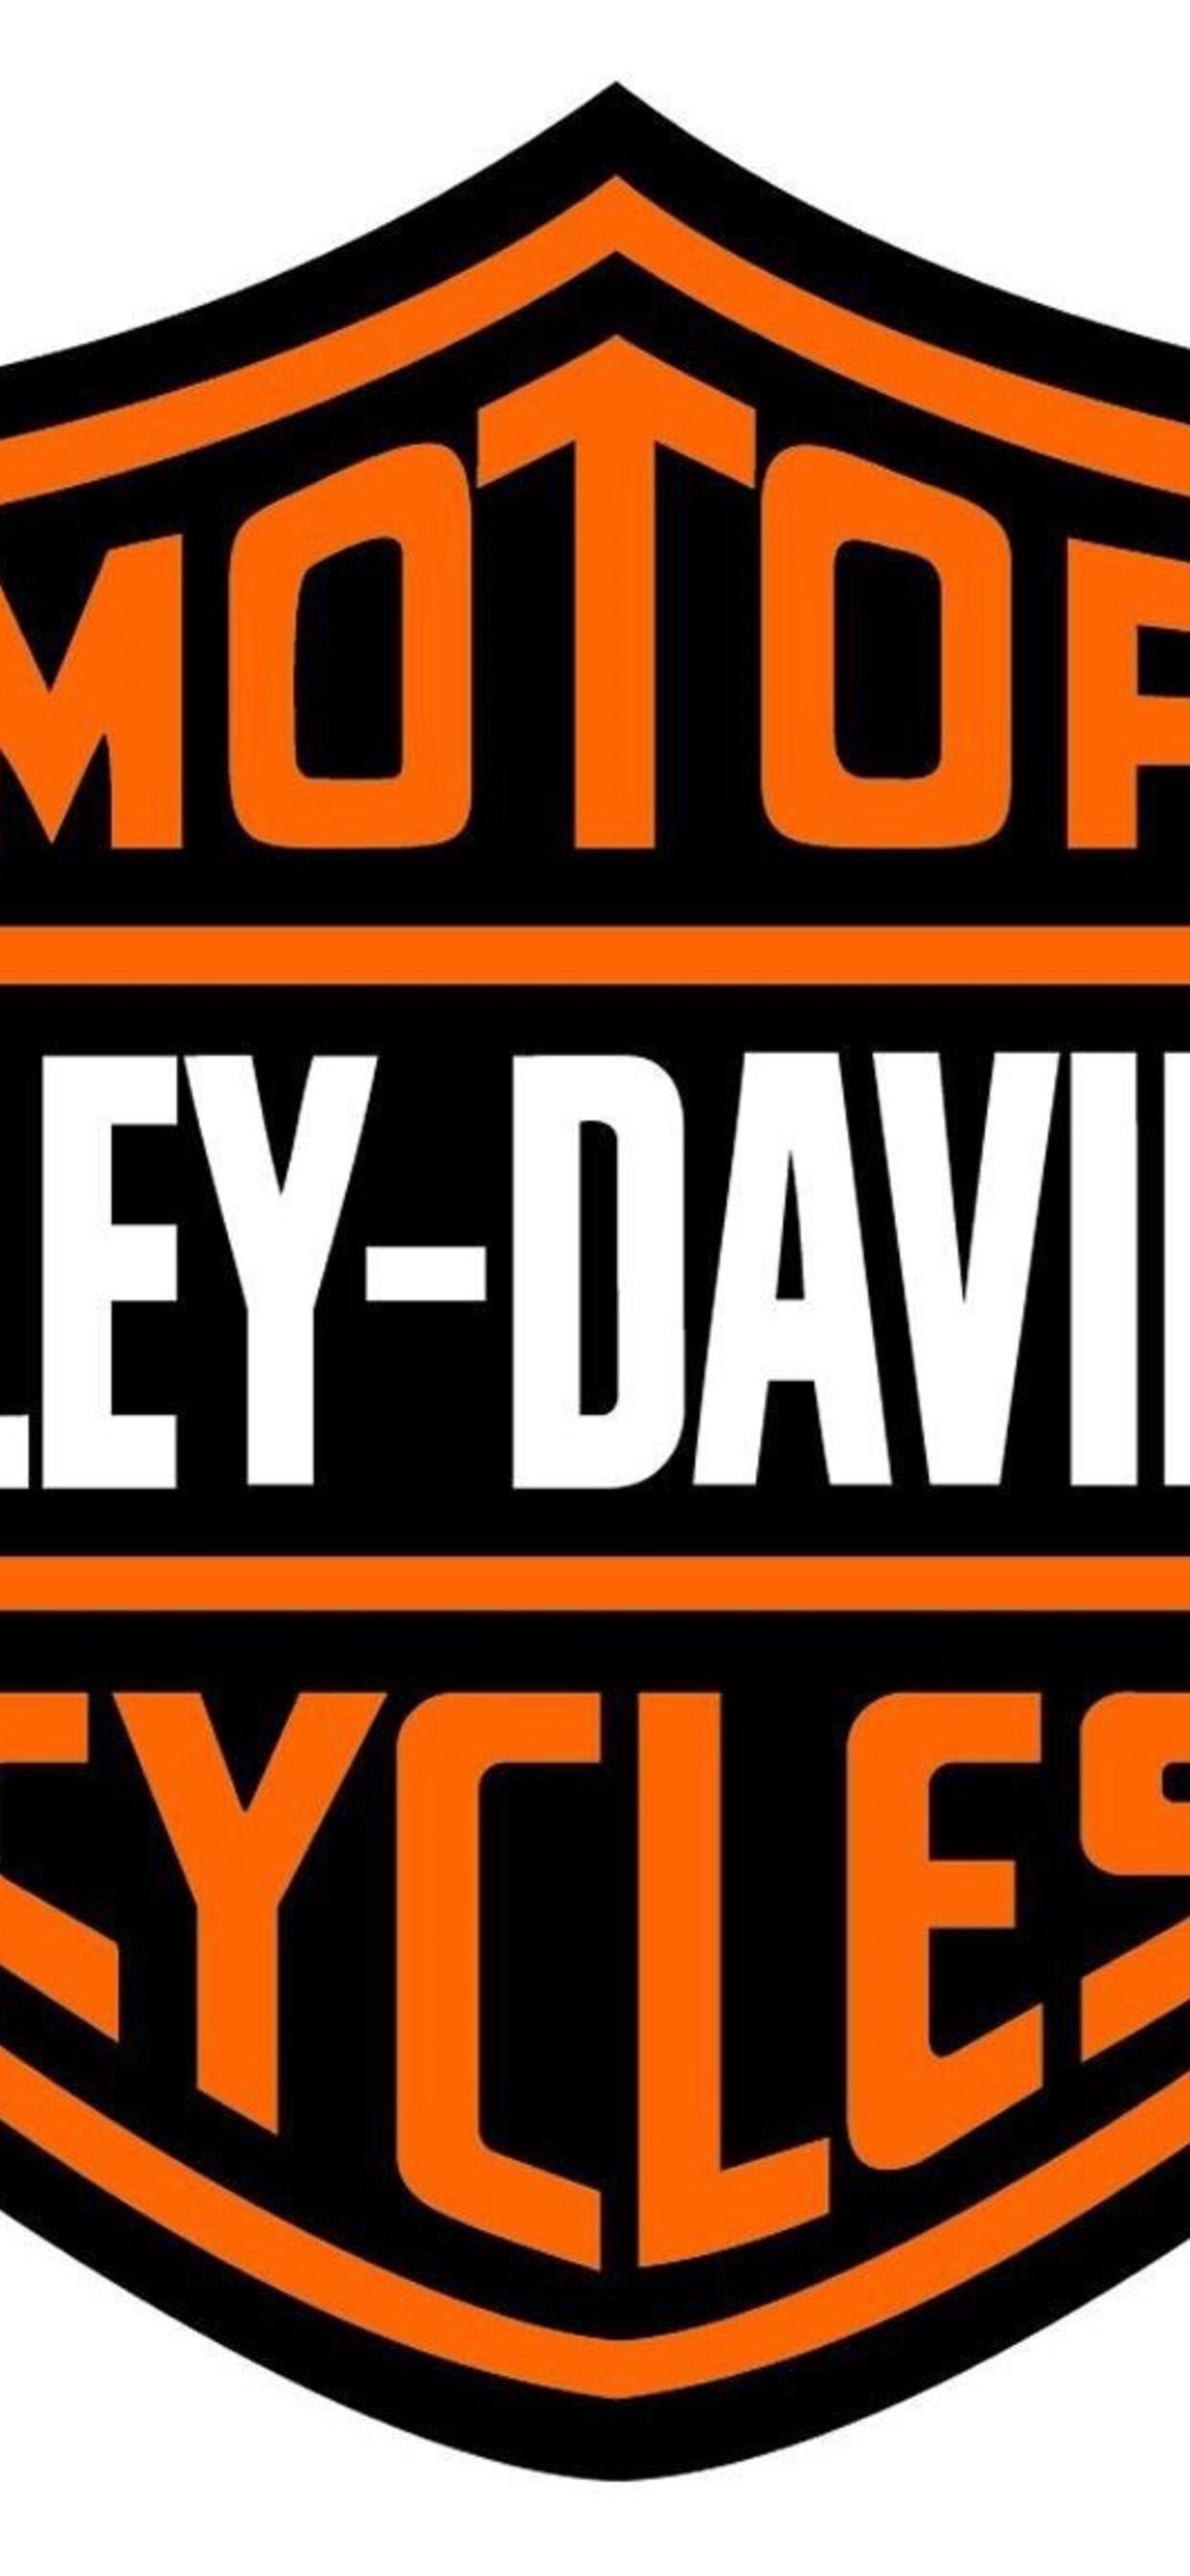 1242x2688 Logo Harley Davidson Motor Cycles Iphone Xs Max Hd 4k